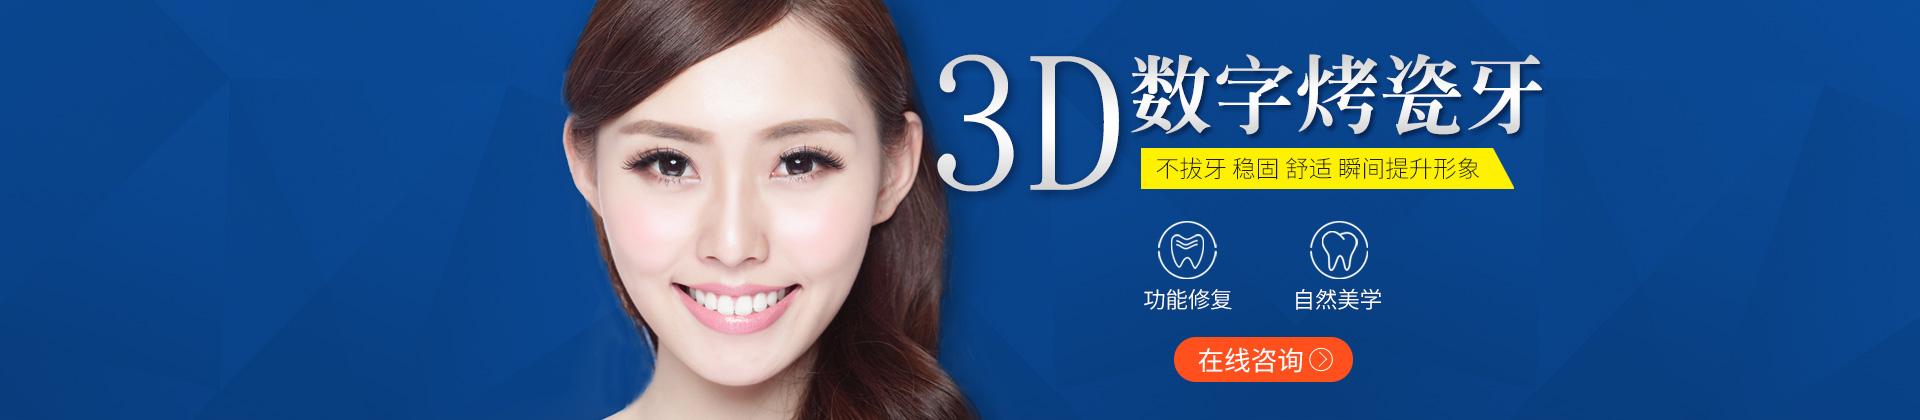 3D数字烤瓷牙 稳固舒适